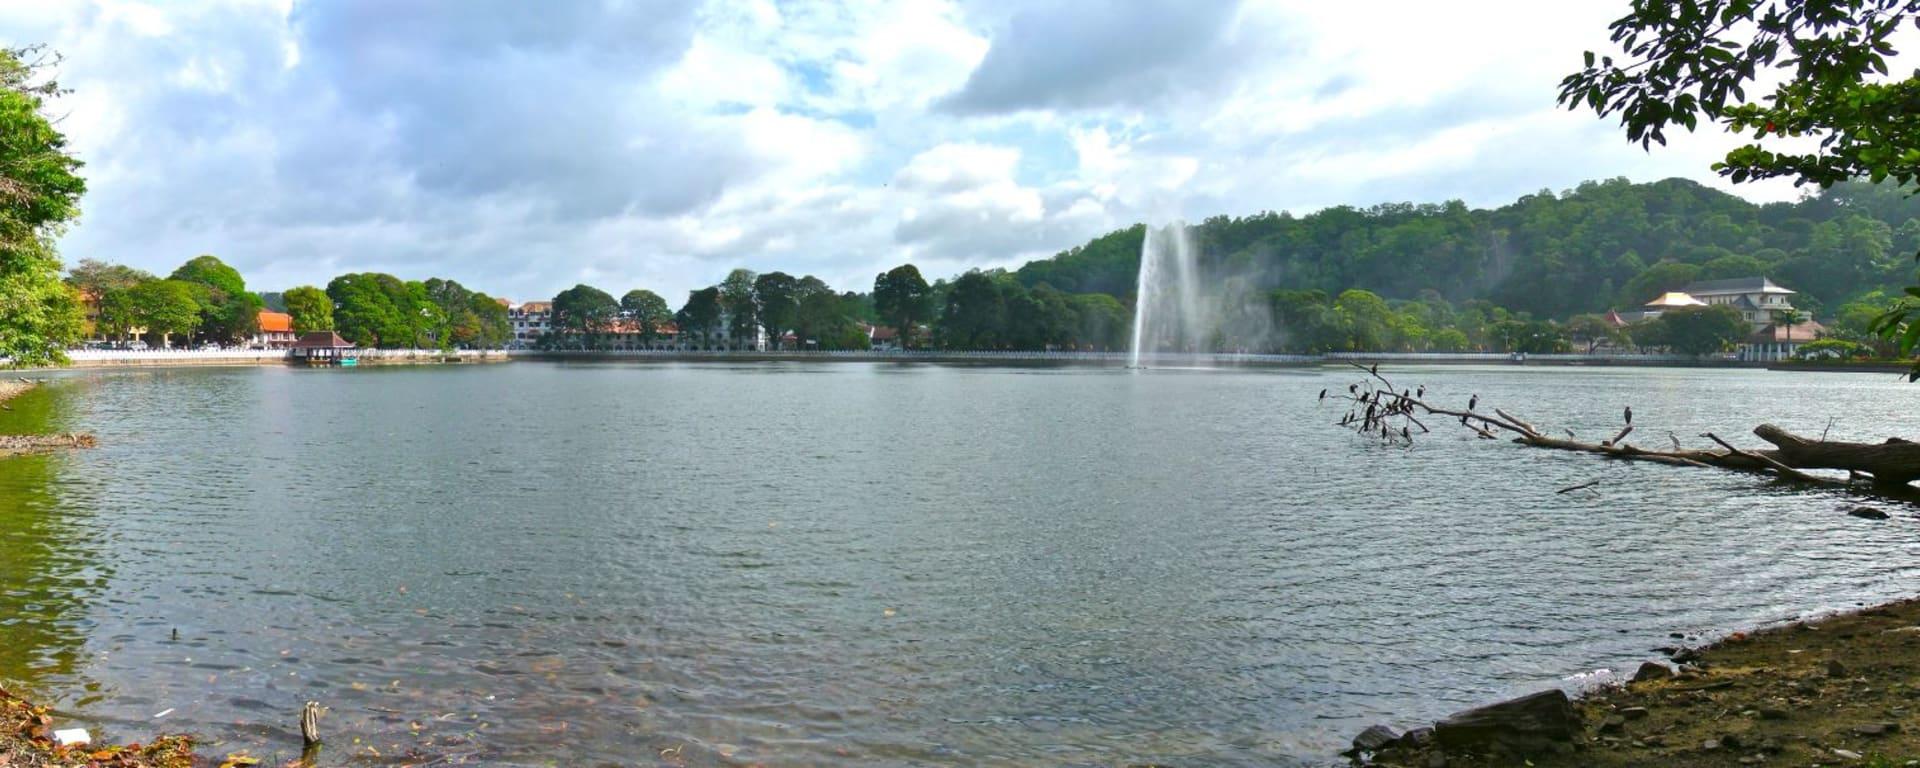 Le Sri Lanka pour les fins connaisseurs de Colombo: Kandy: Lake